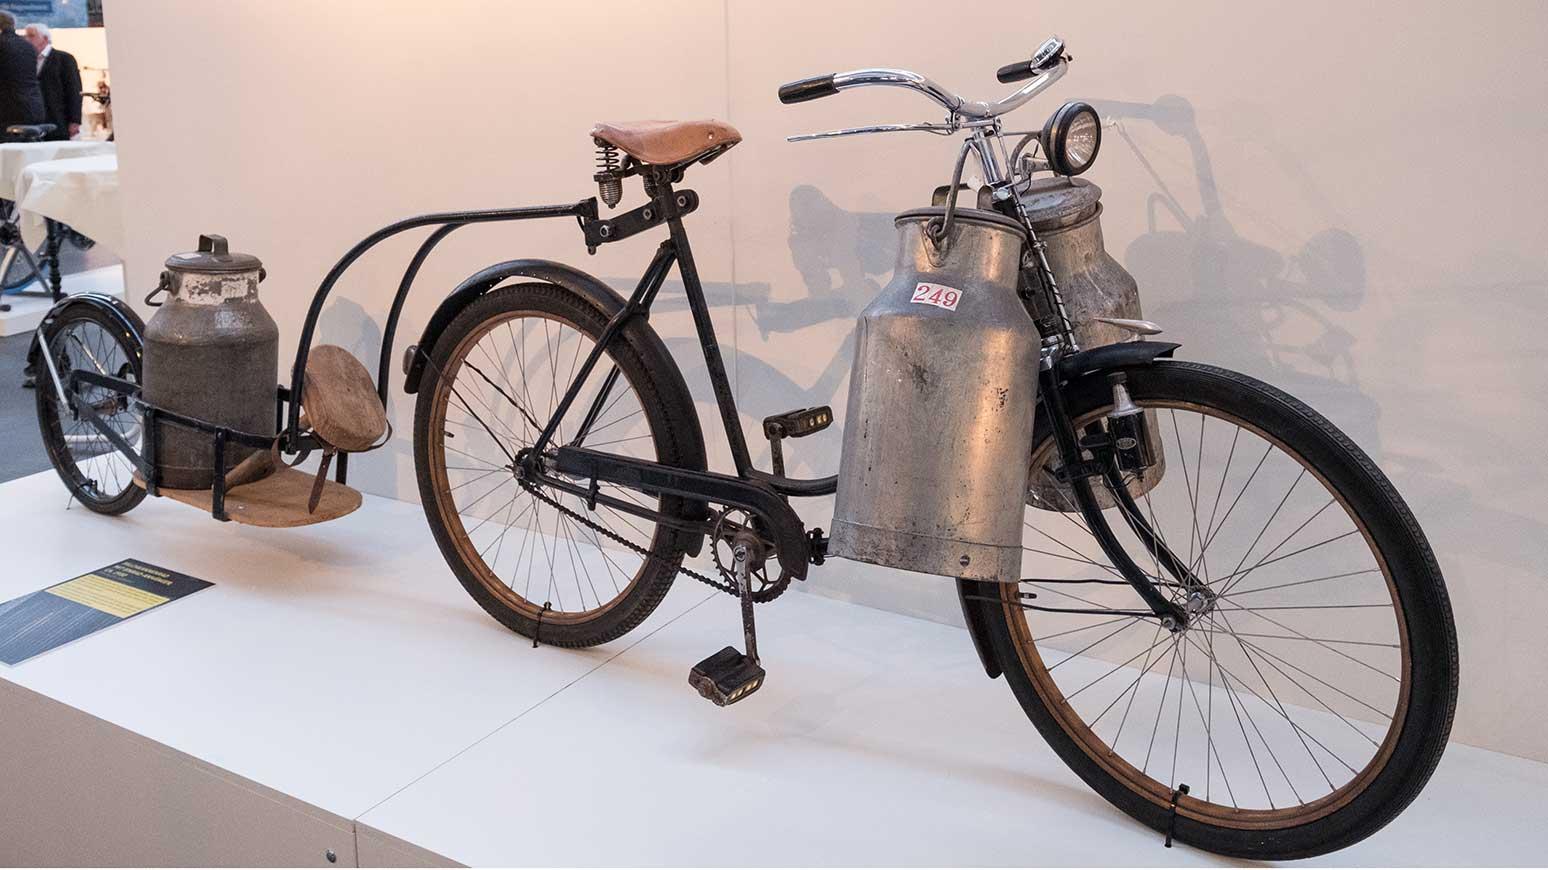 Historisches Milchkannen-Fahrrad aus der Abteilung Cargobikes.